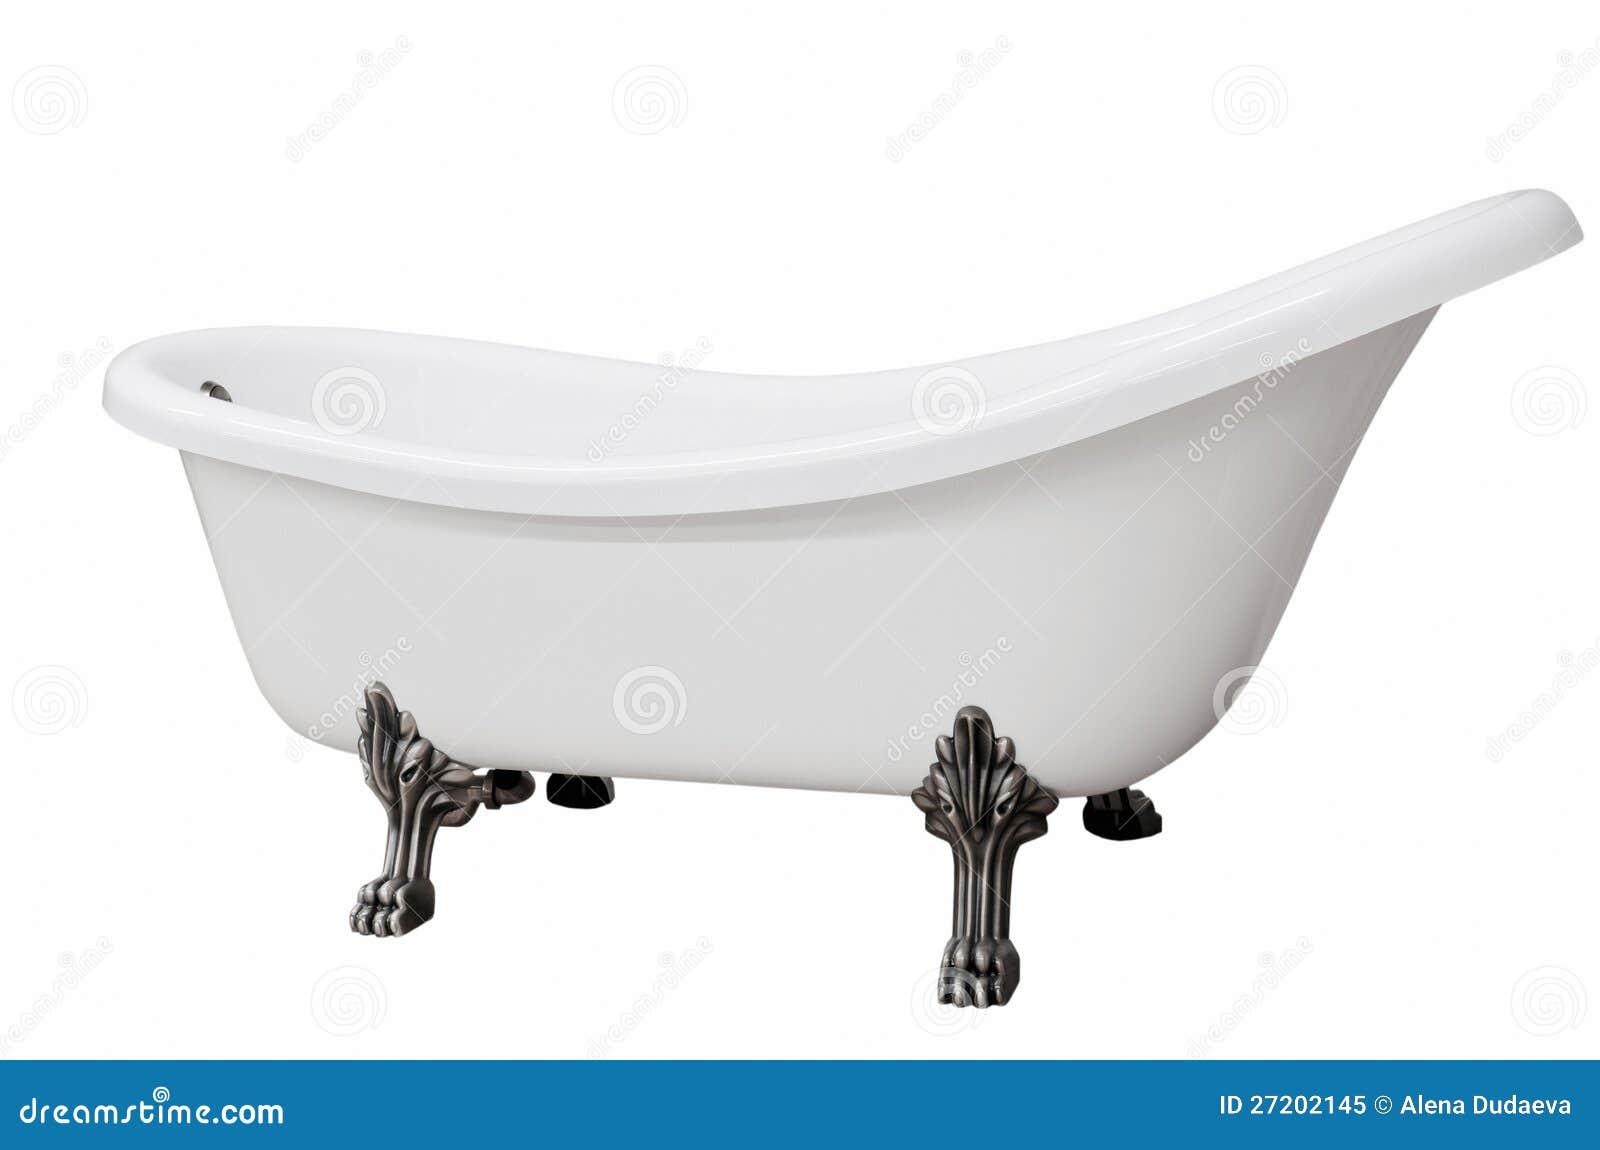 baignoire blanche classique avec des pattes photo libre de droits image 27202145. Black Bedroom Furniture Sets. Home Design Ideas